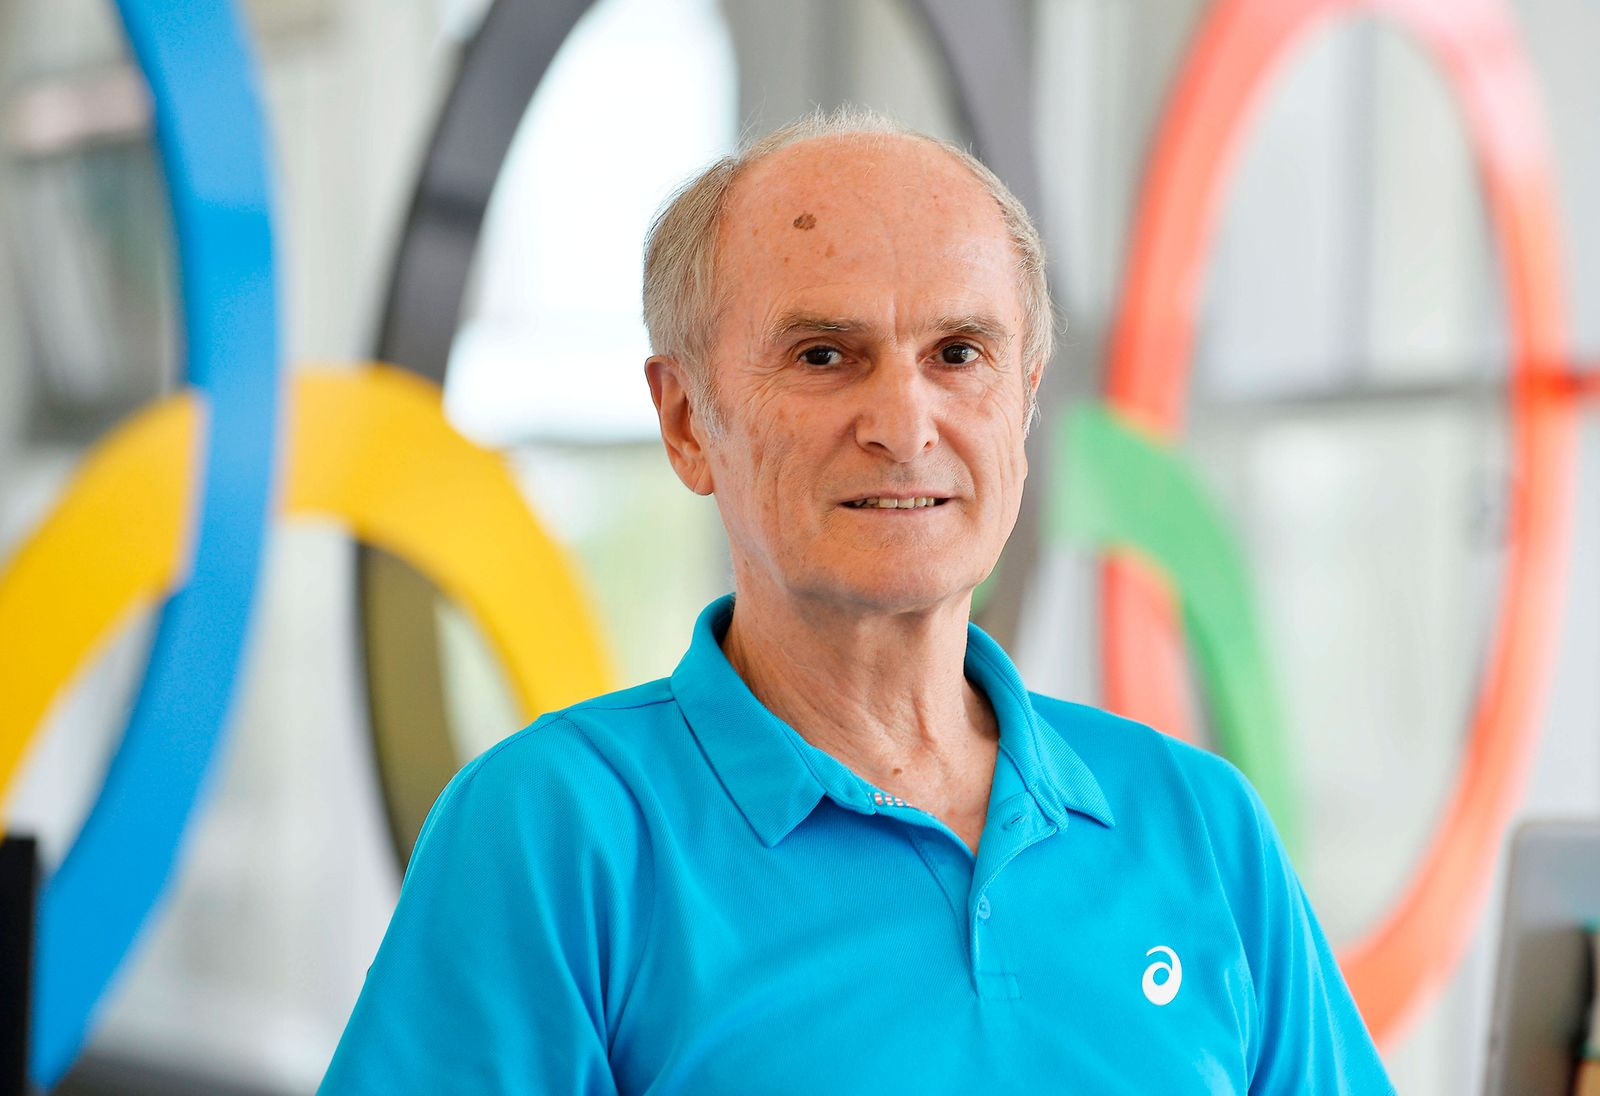 Waldemar Cierpinski (Marathon-Olympiasieger 1976 und 1980) (30.07.2020) Der ehemalige Marathonläufer Waldemar Cierpinsk